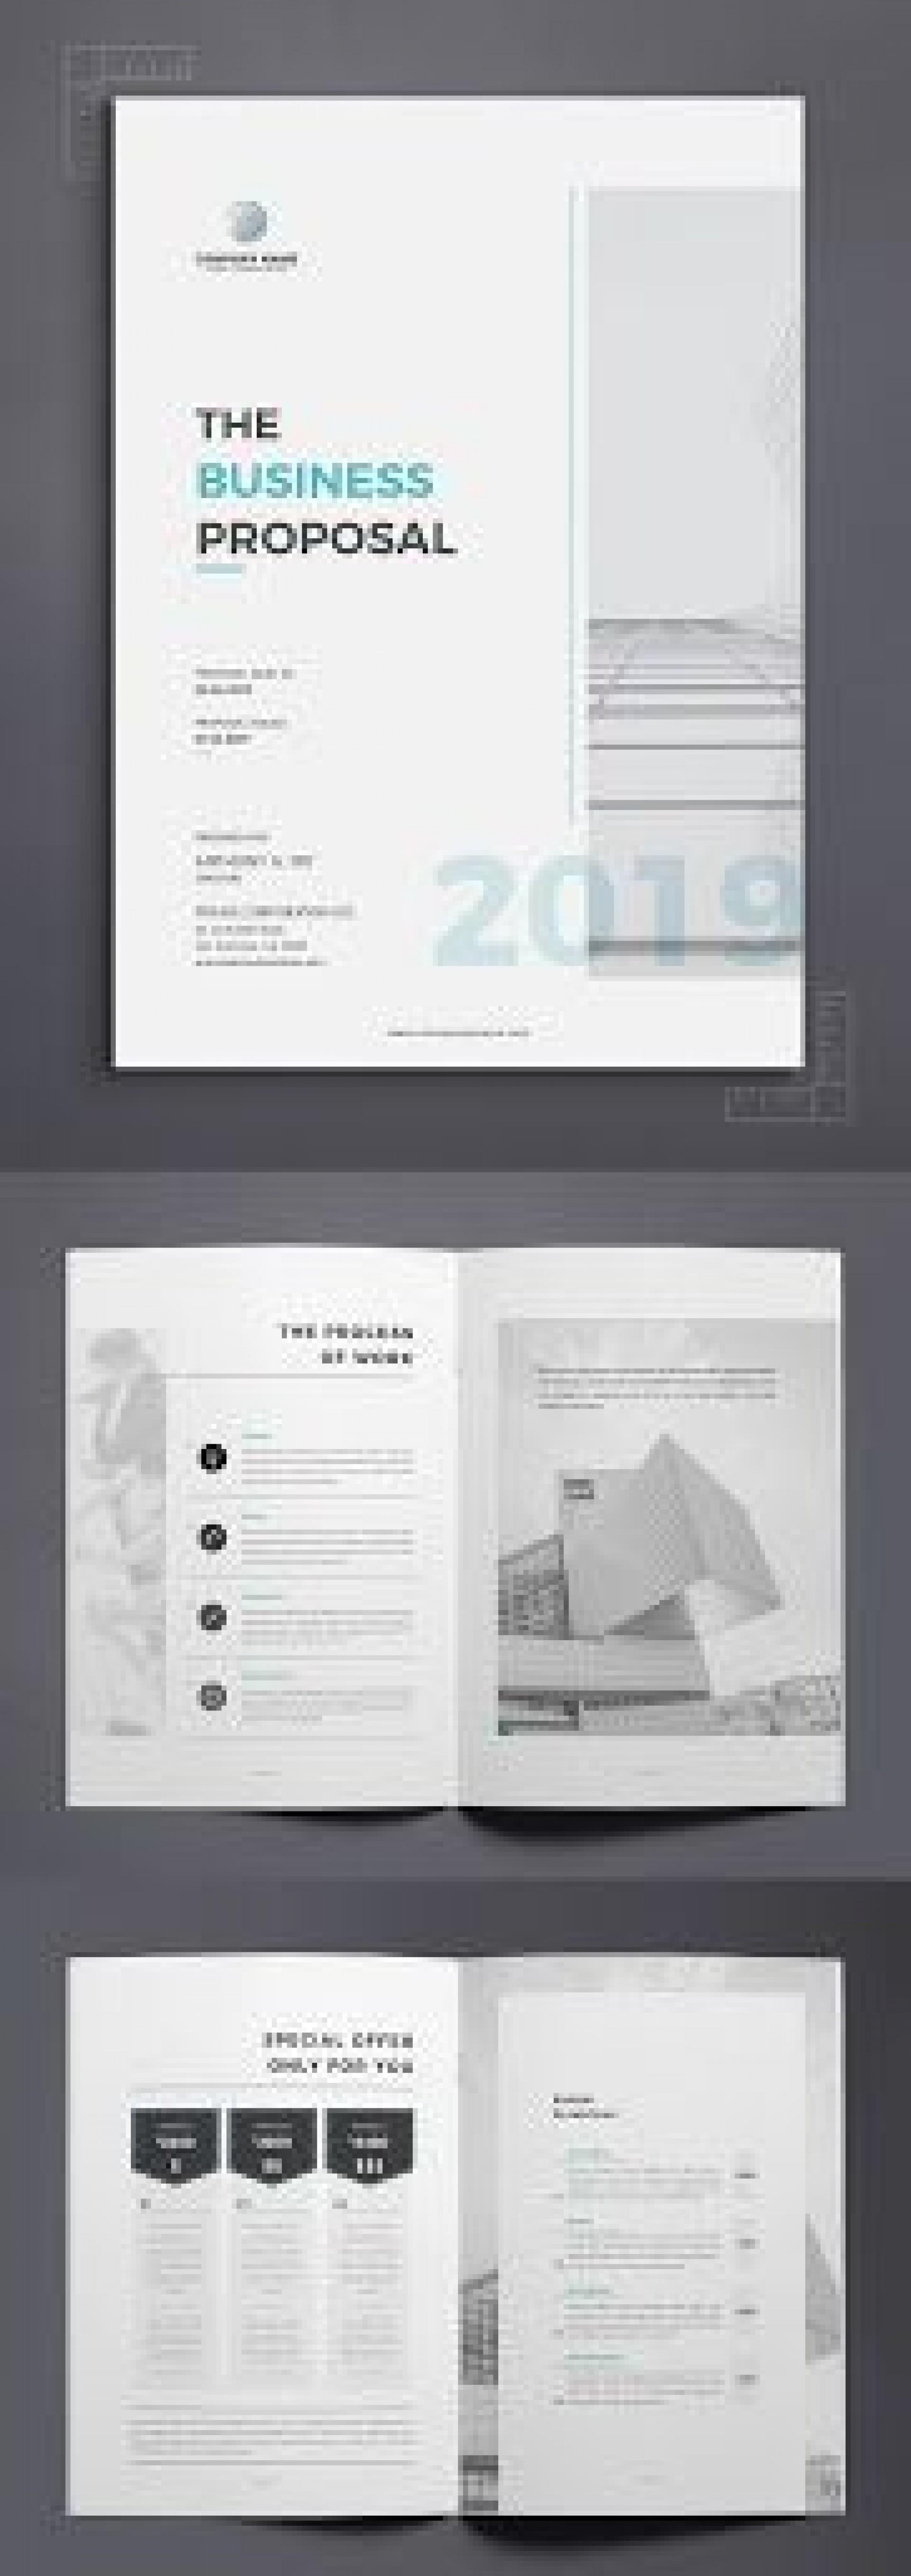 009 Stupendou Web Design Proposal Template Indesign Idea 1920